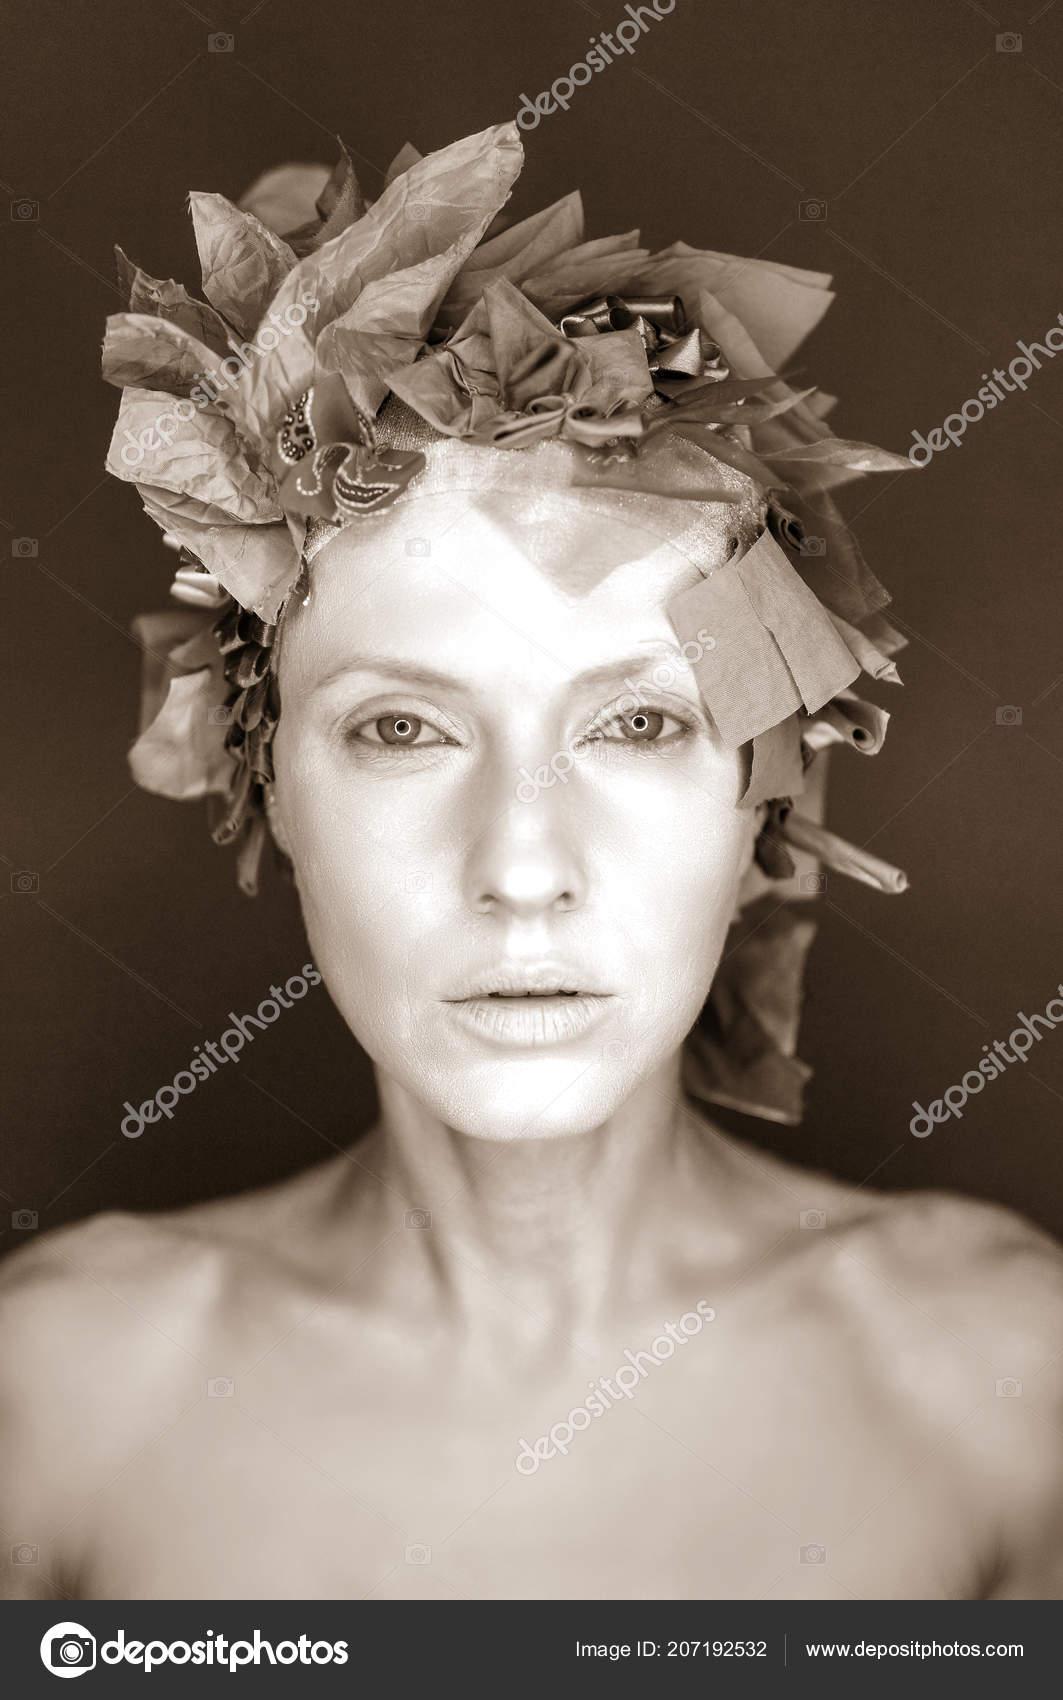 Cara Mujer Blanca Con Sombrero Adornado Con Cintas Seda Sepia — Foto ... e06cc21a5e1